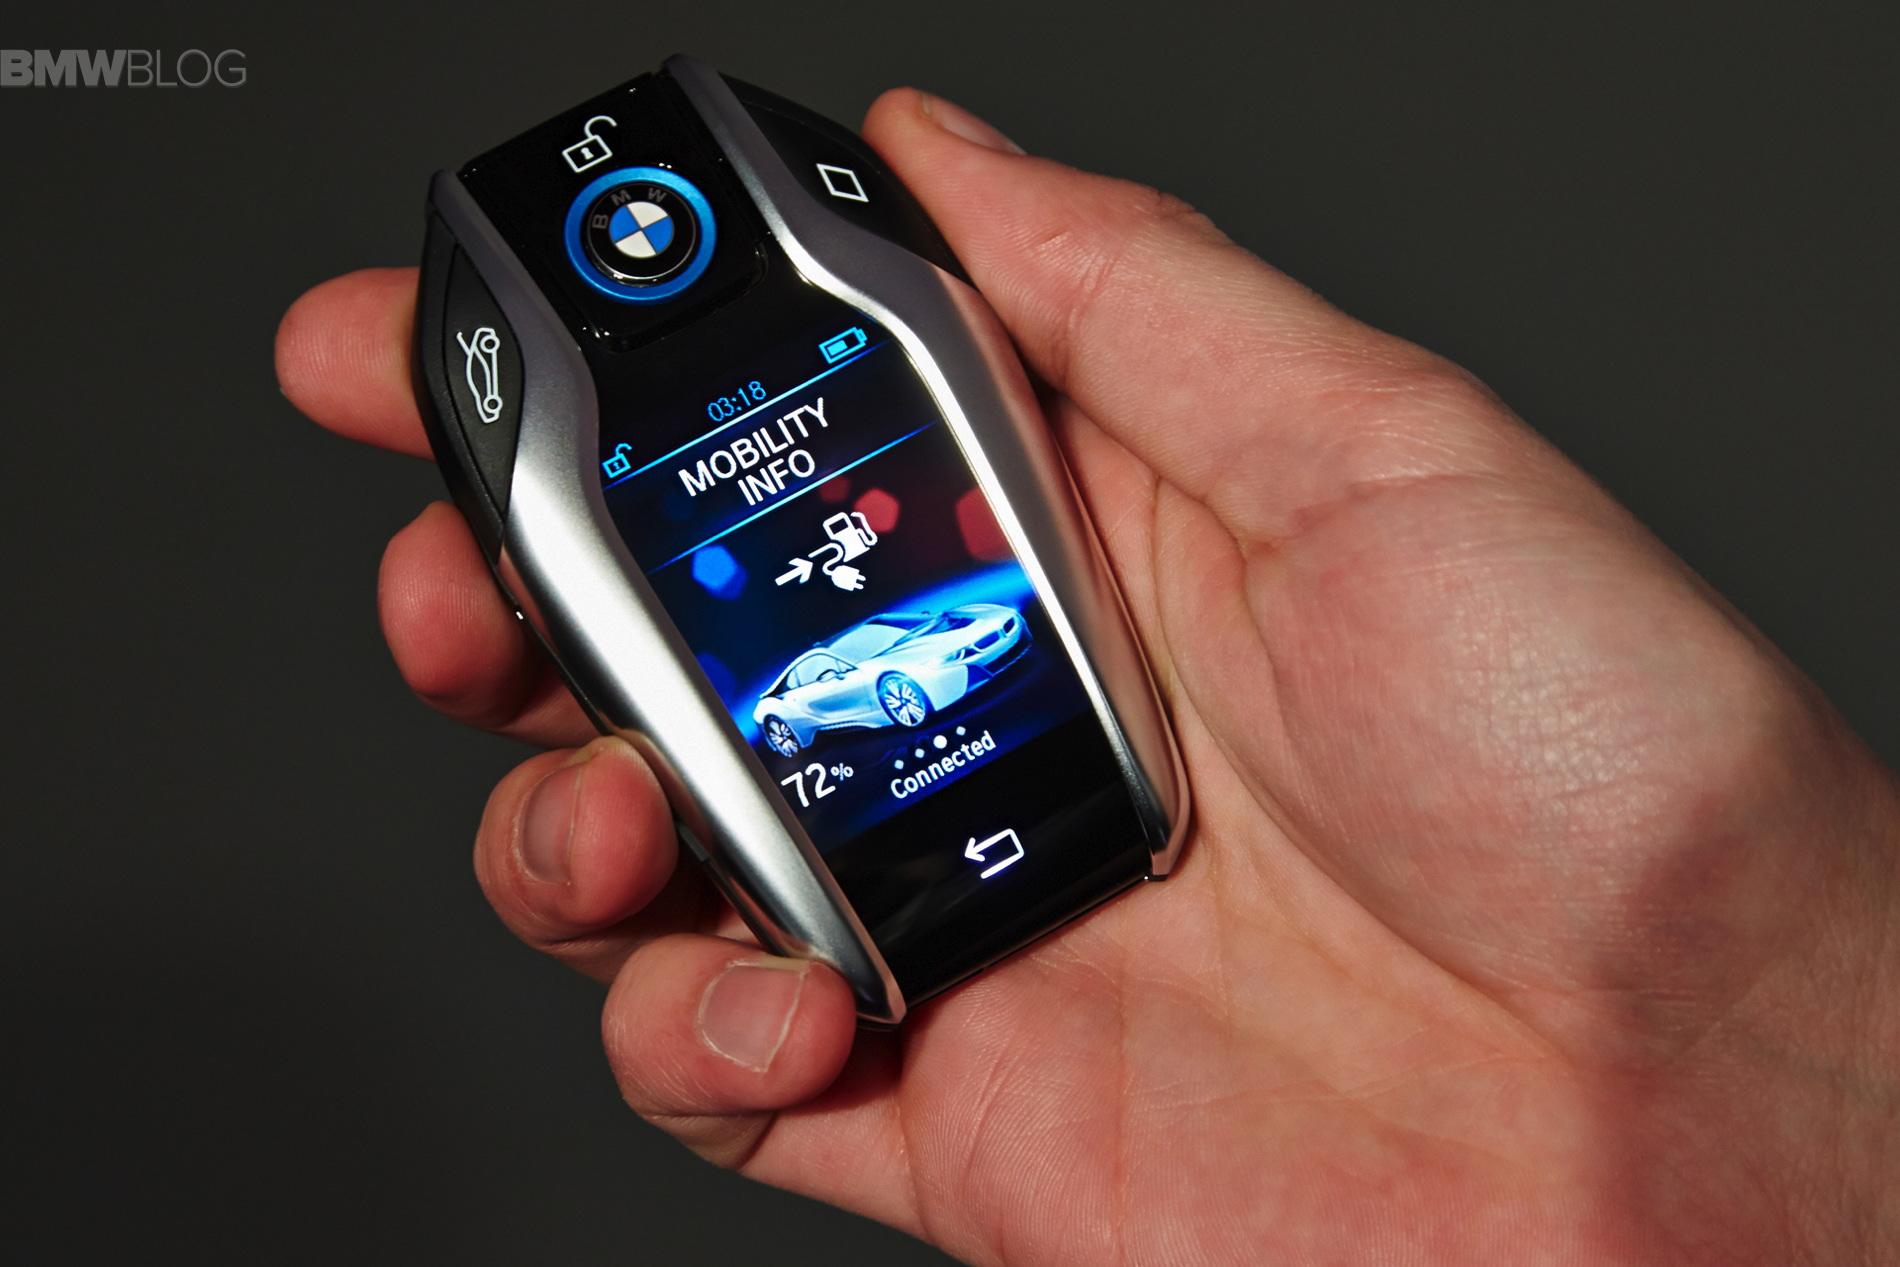 حذف کلیدهای سنتی از چرخه محصولات بیامو// با موبایل بیاموتان را روشن کنید